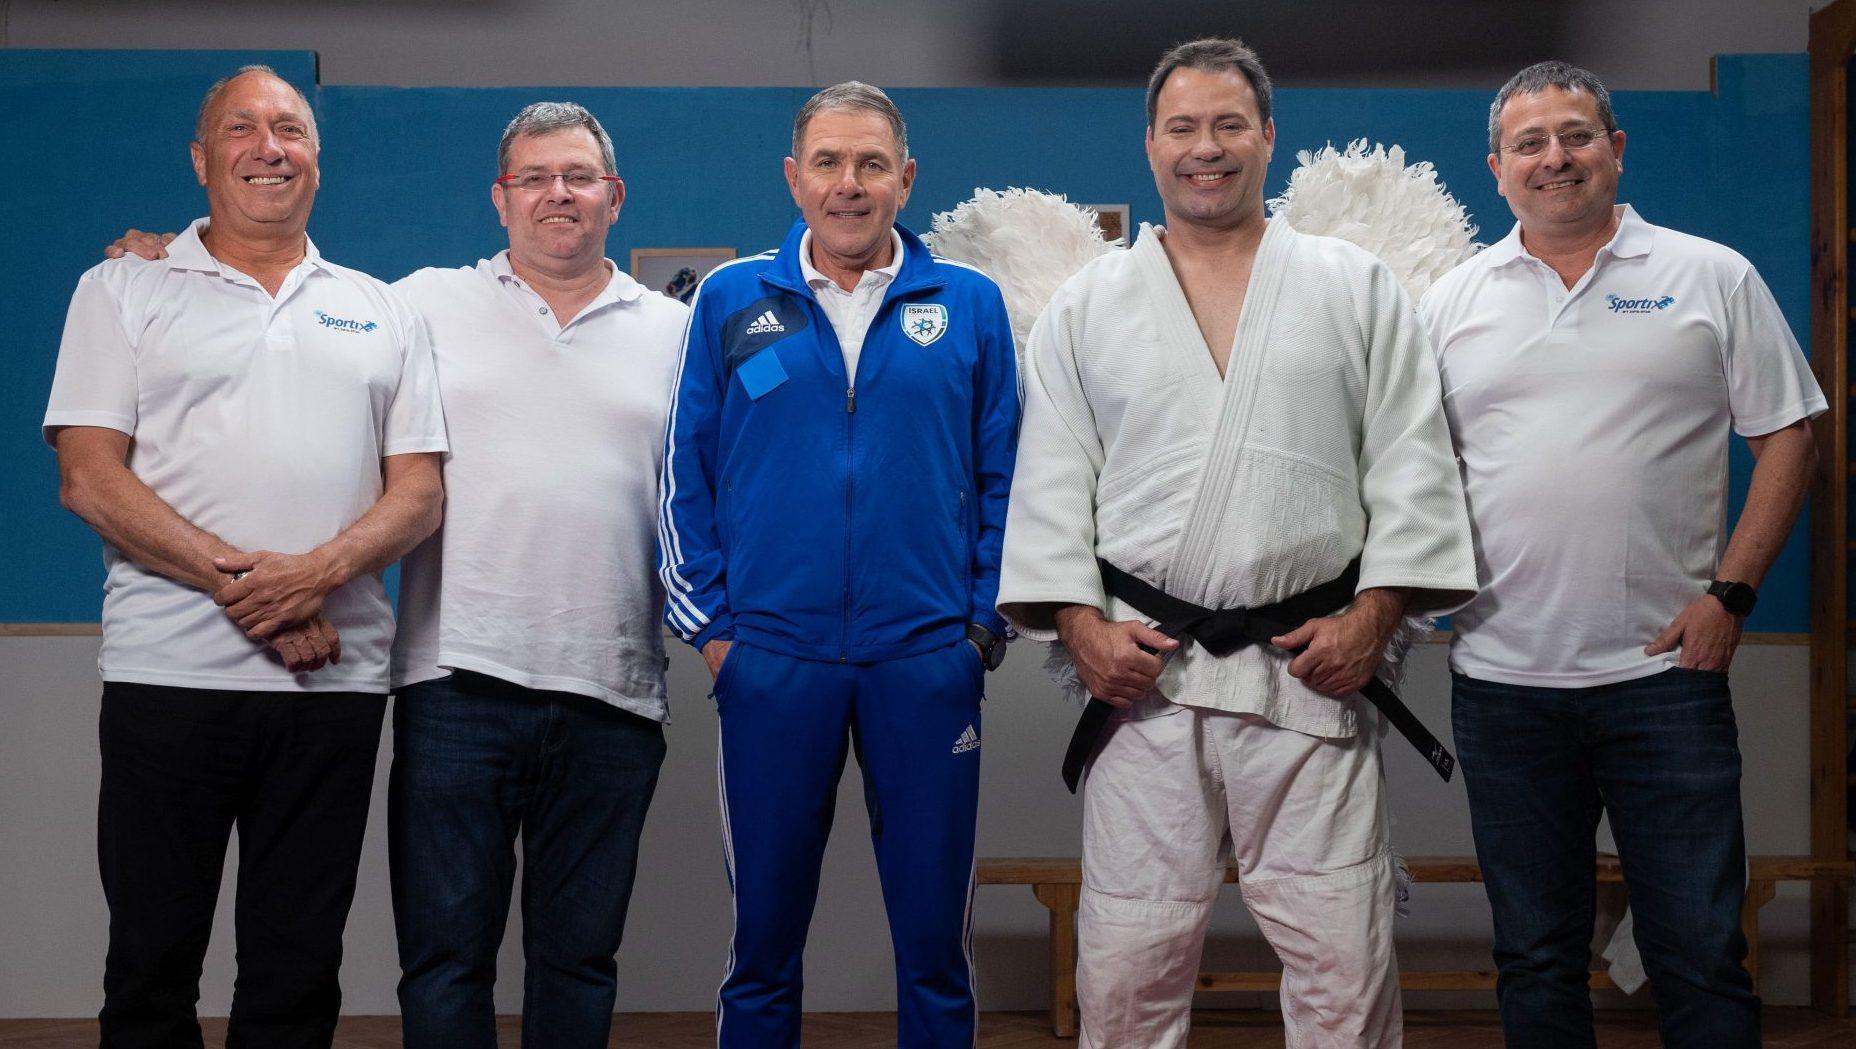 מיטב דש הקימה את ספורטיקס – סוכנות ביטוח המתמחה בביטוח לספורטאים